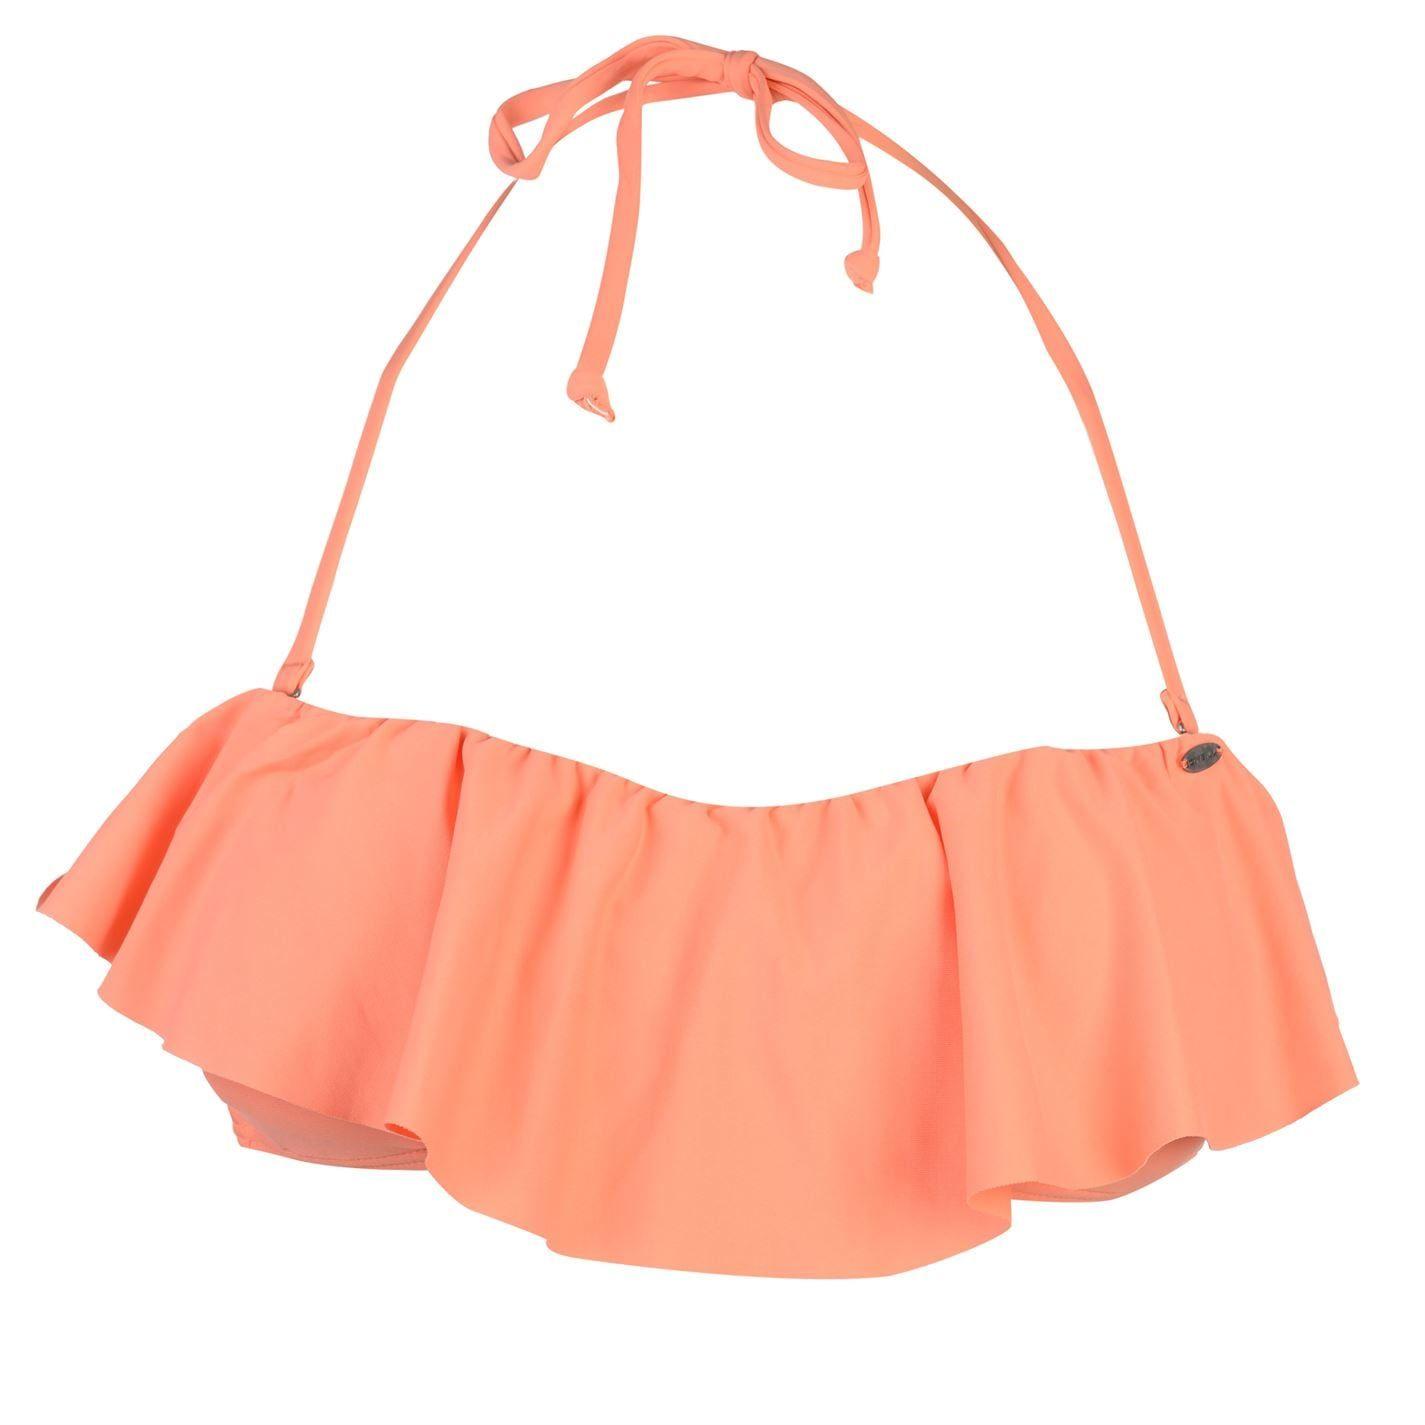 ONeill Womens Ruffle Bikini Top Ladies Bra Tie Fastening Swimwear Block Coloured